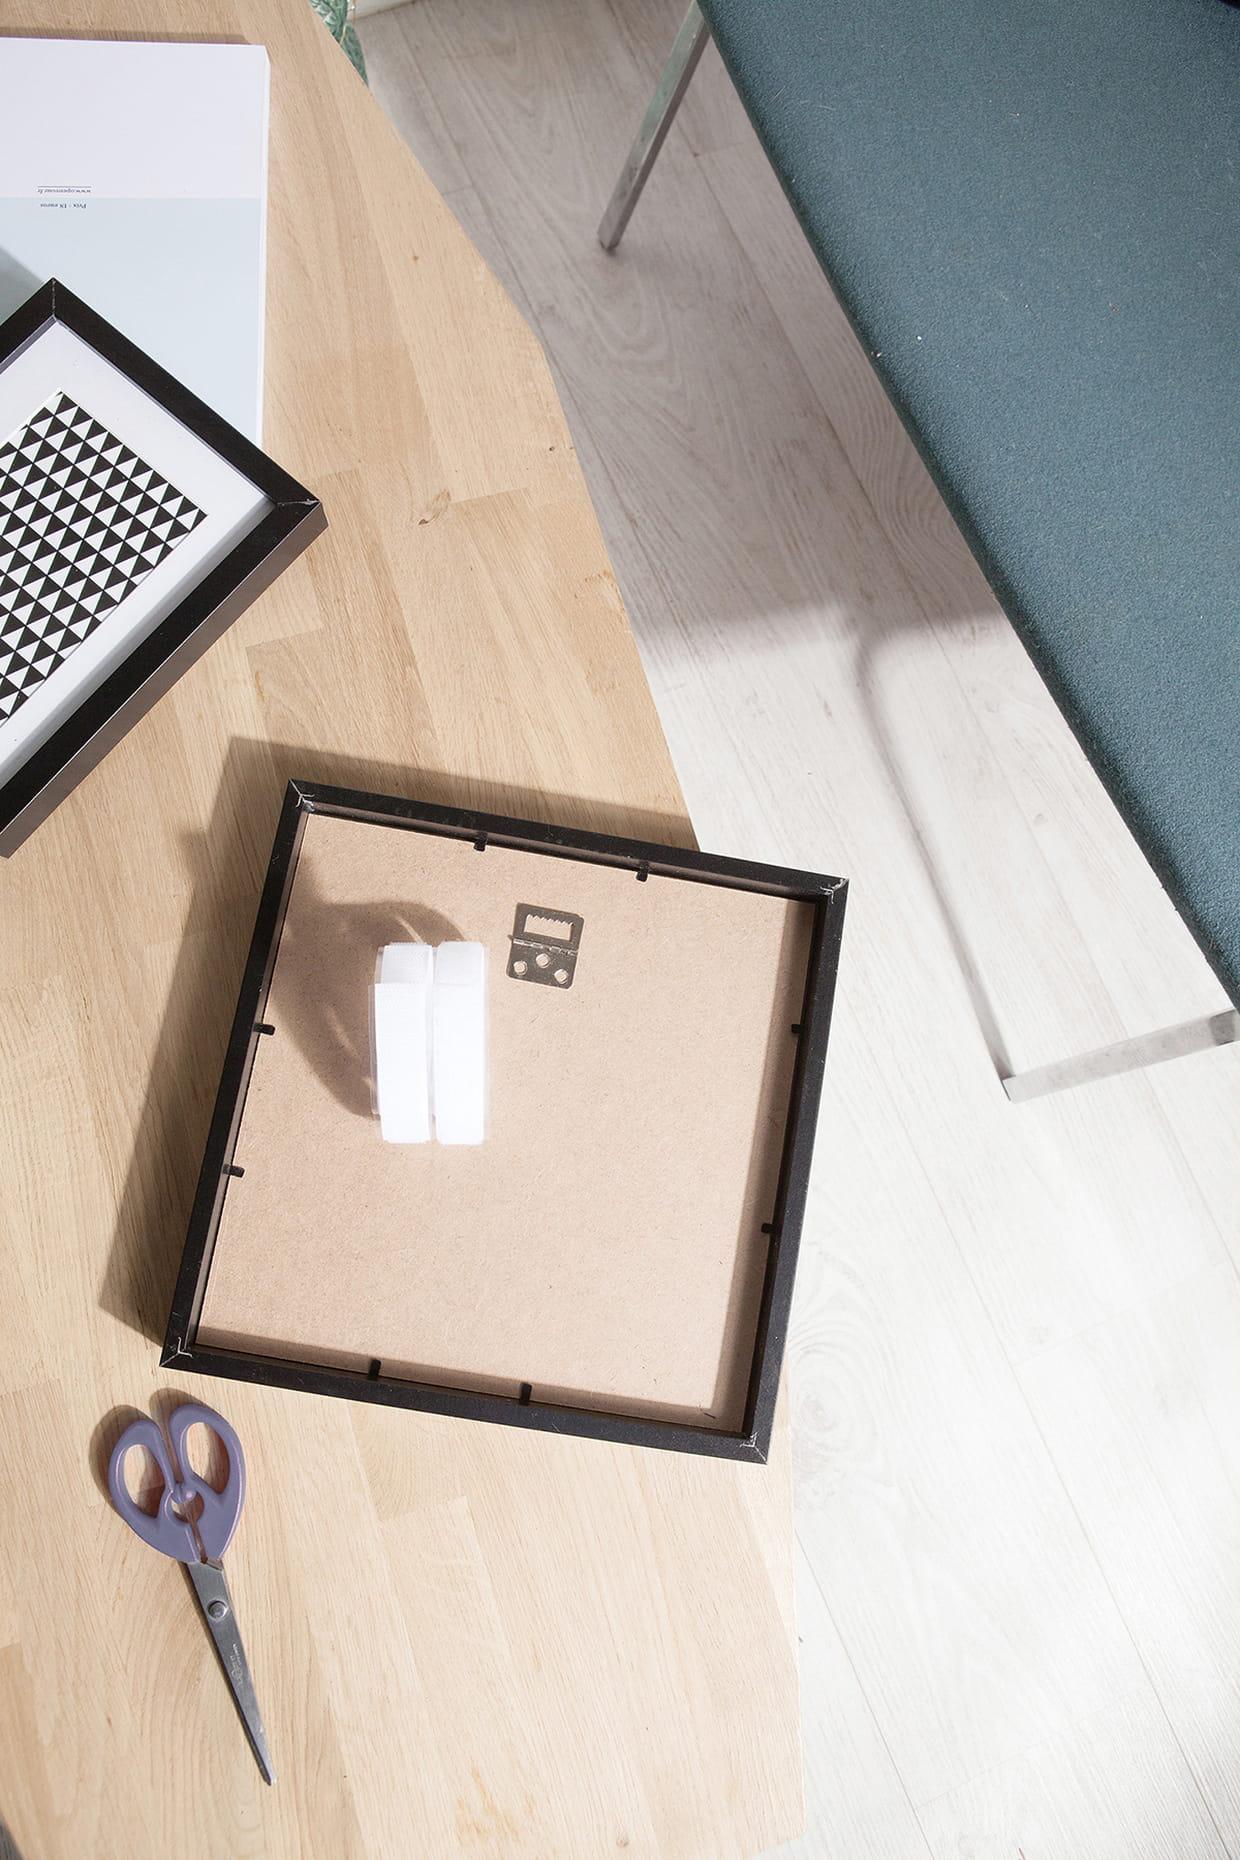 Accrocher Tableau Mur Beton Sans Percer 20 solutions pour fixer sans percer vos murs